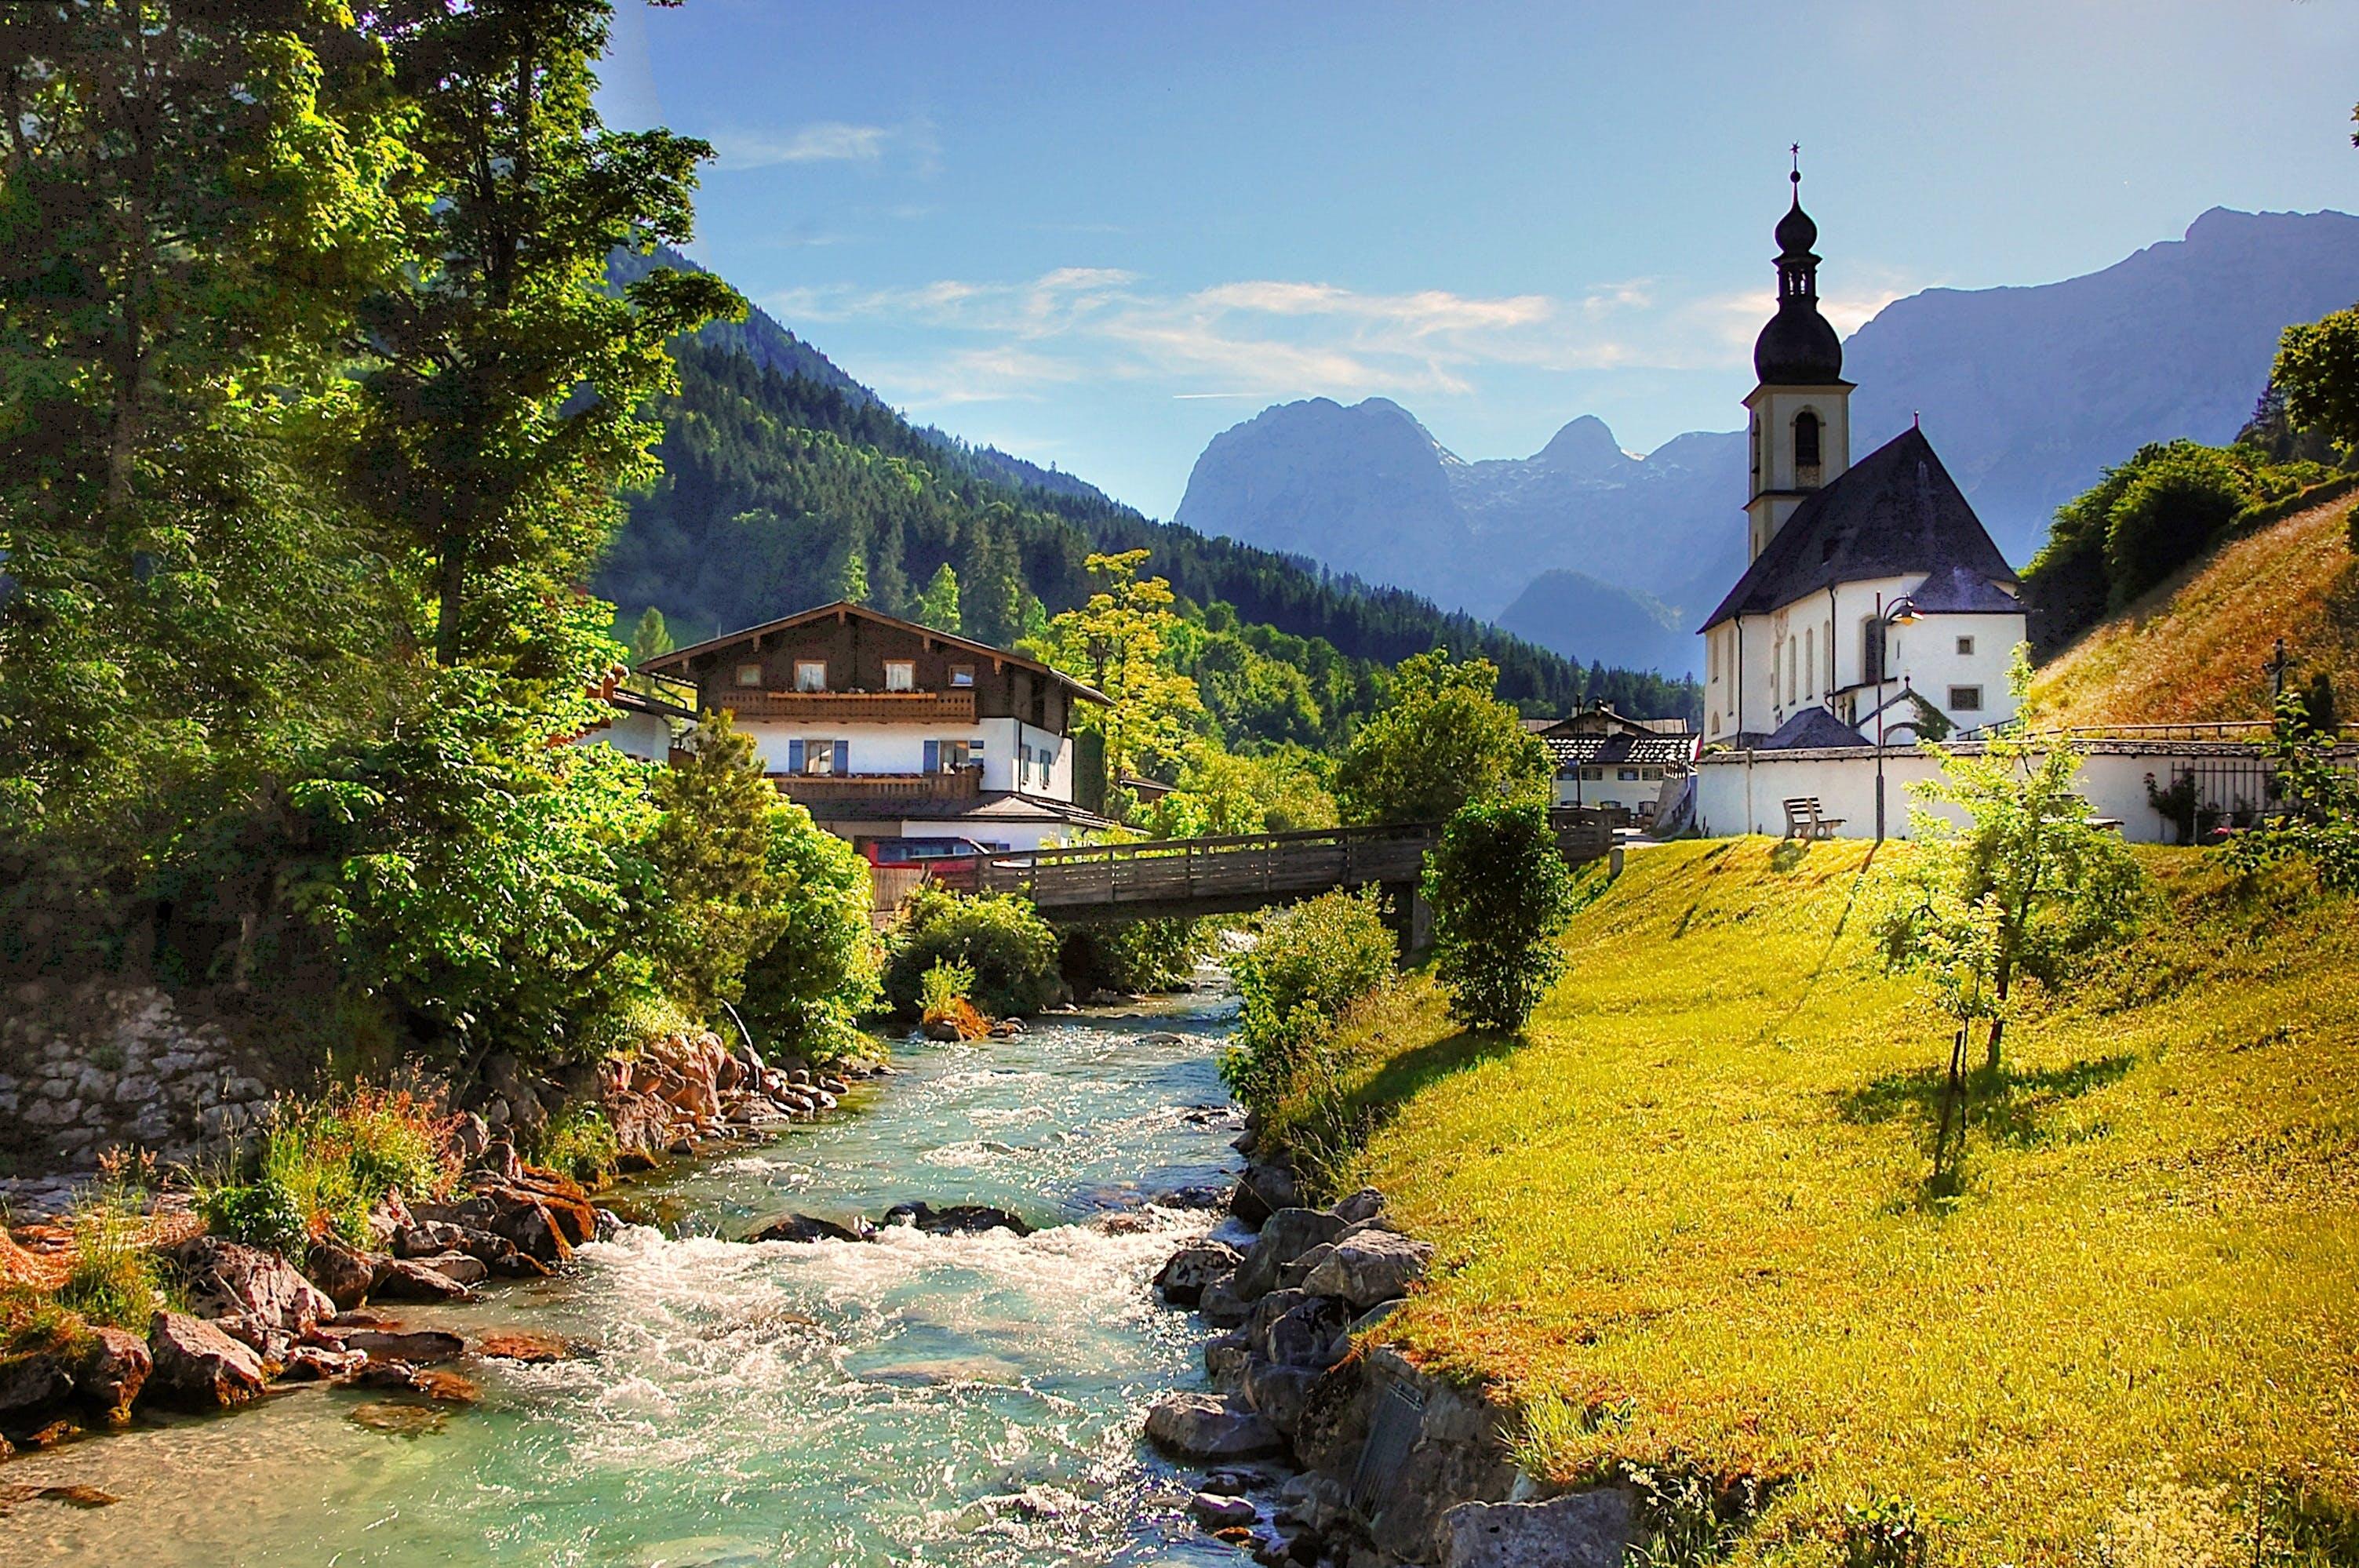 Kostenloses Stock Foto zu alpin, architektur, aussicht, bäume